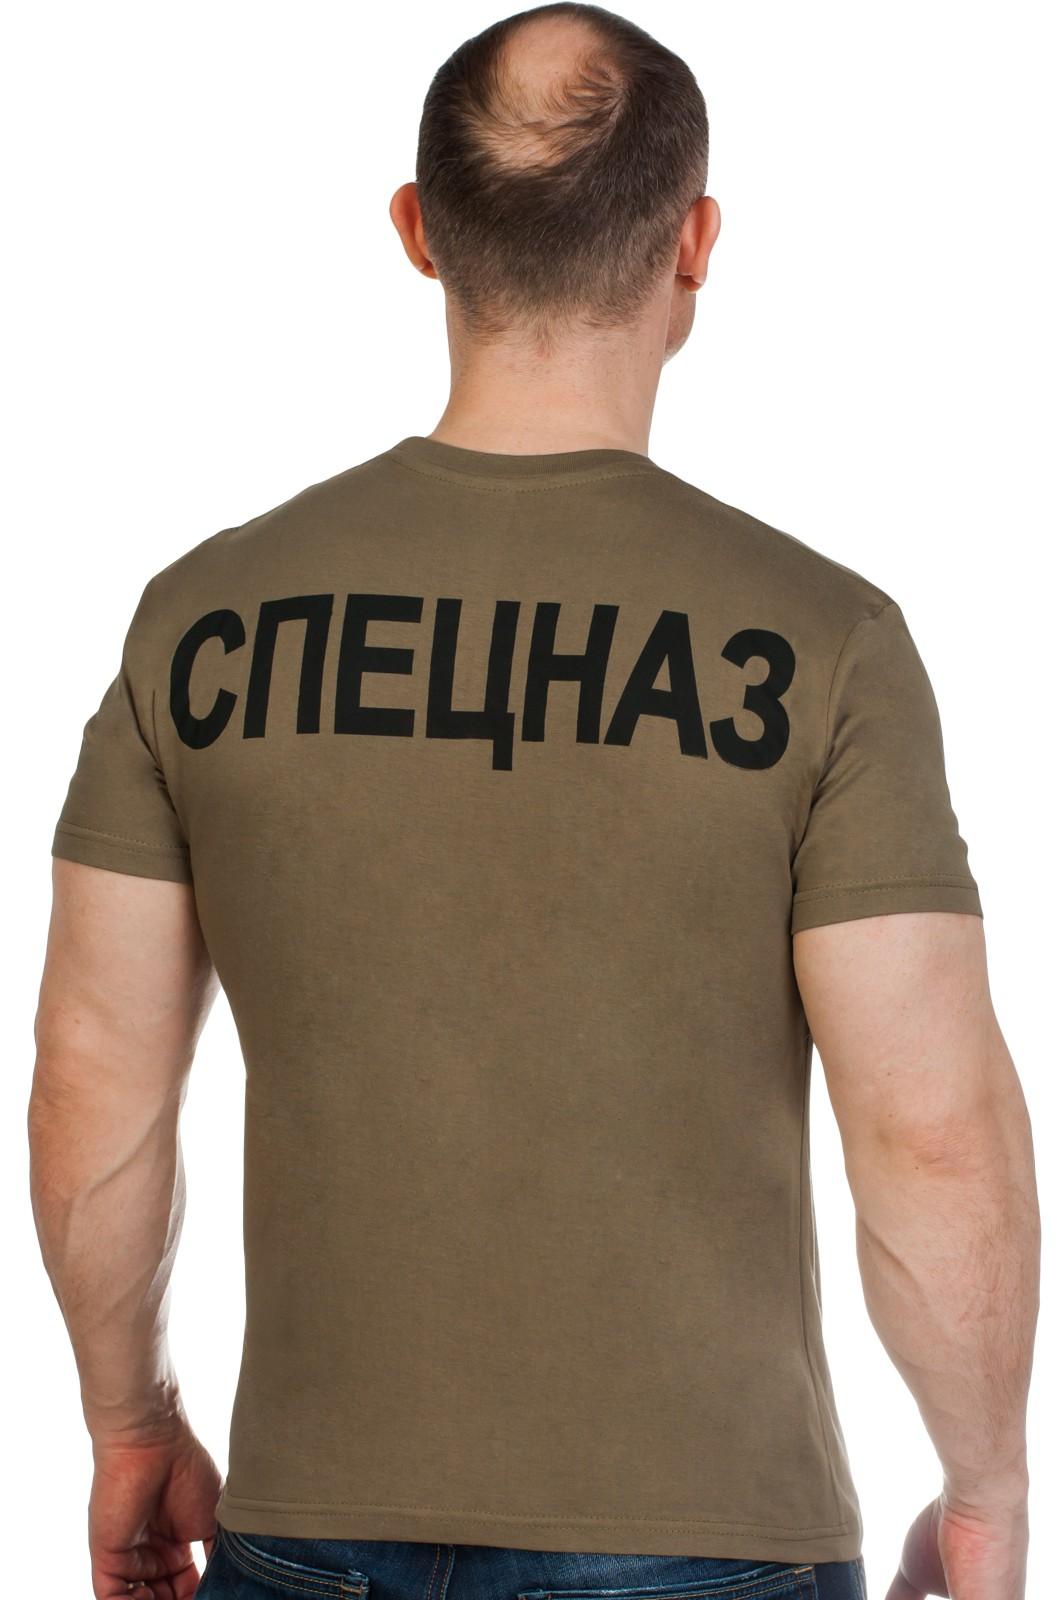 Футболка с эмблемой Войск Спецназа ГРУ по выгодной цене